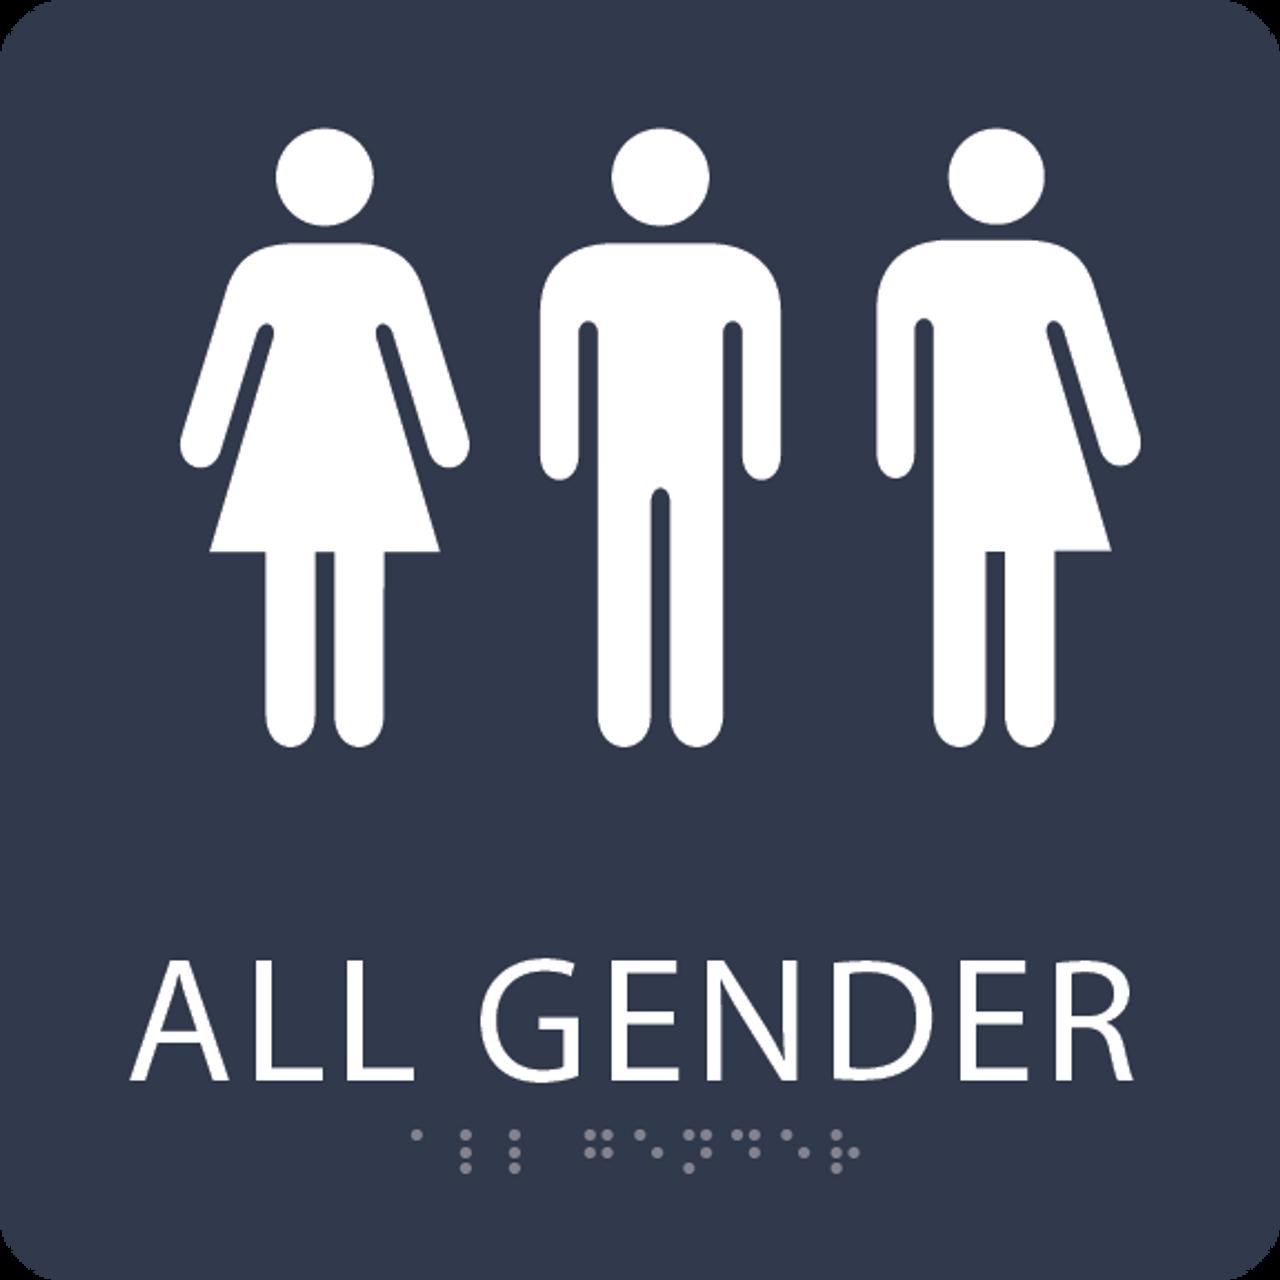 Navy All Gender Restroom Sign